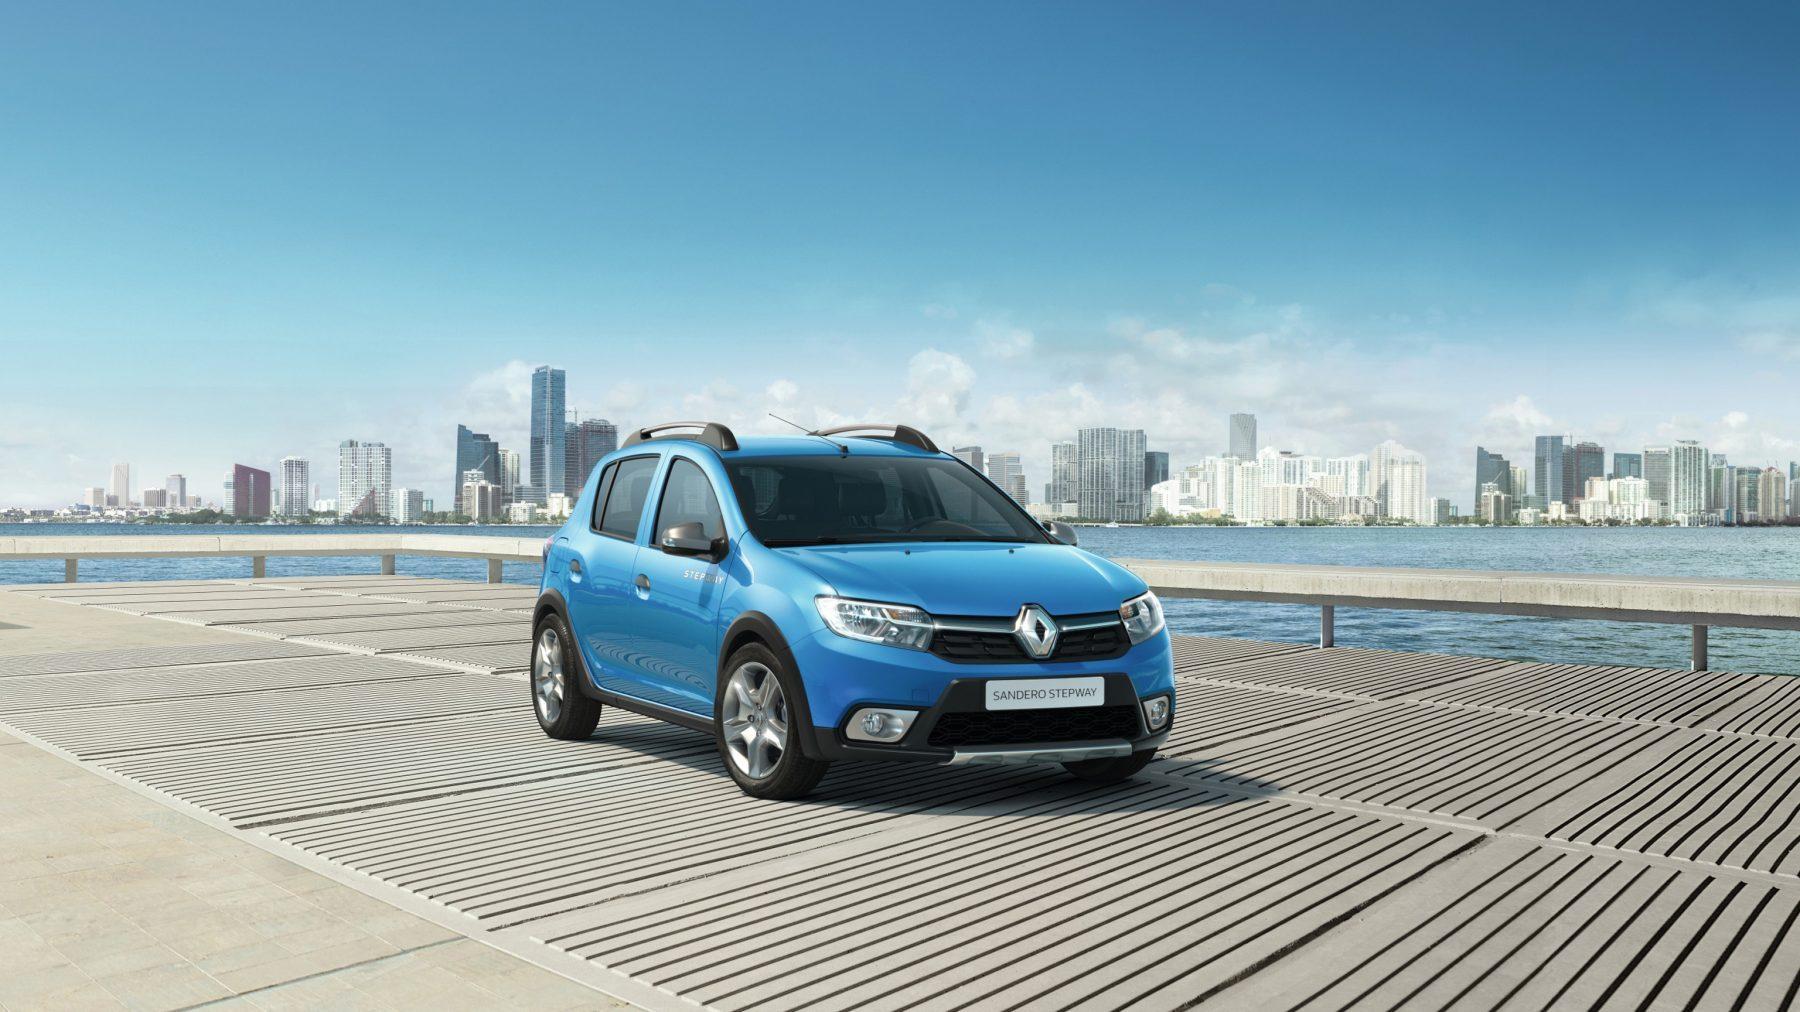 Renault SANDERO STEPWAY (салон) фото 1